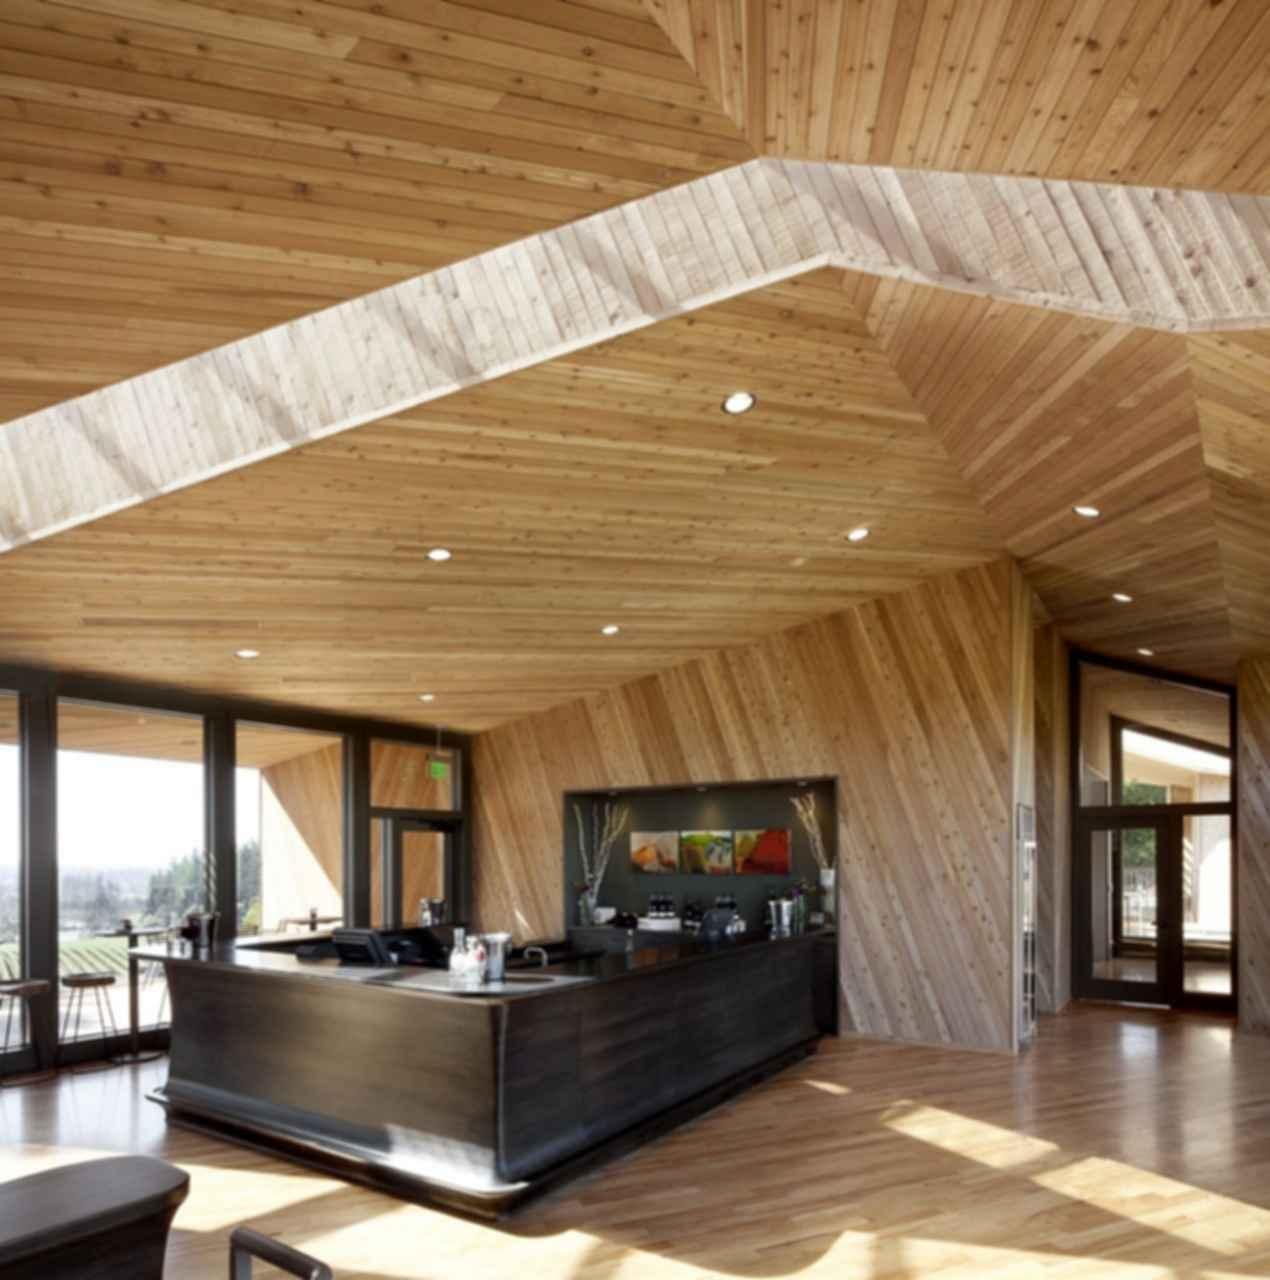 Tasting Room at Sokol Blosser Winery - Interior